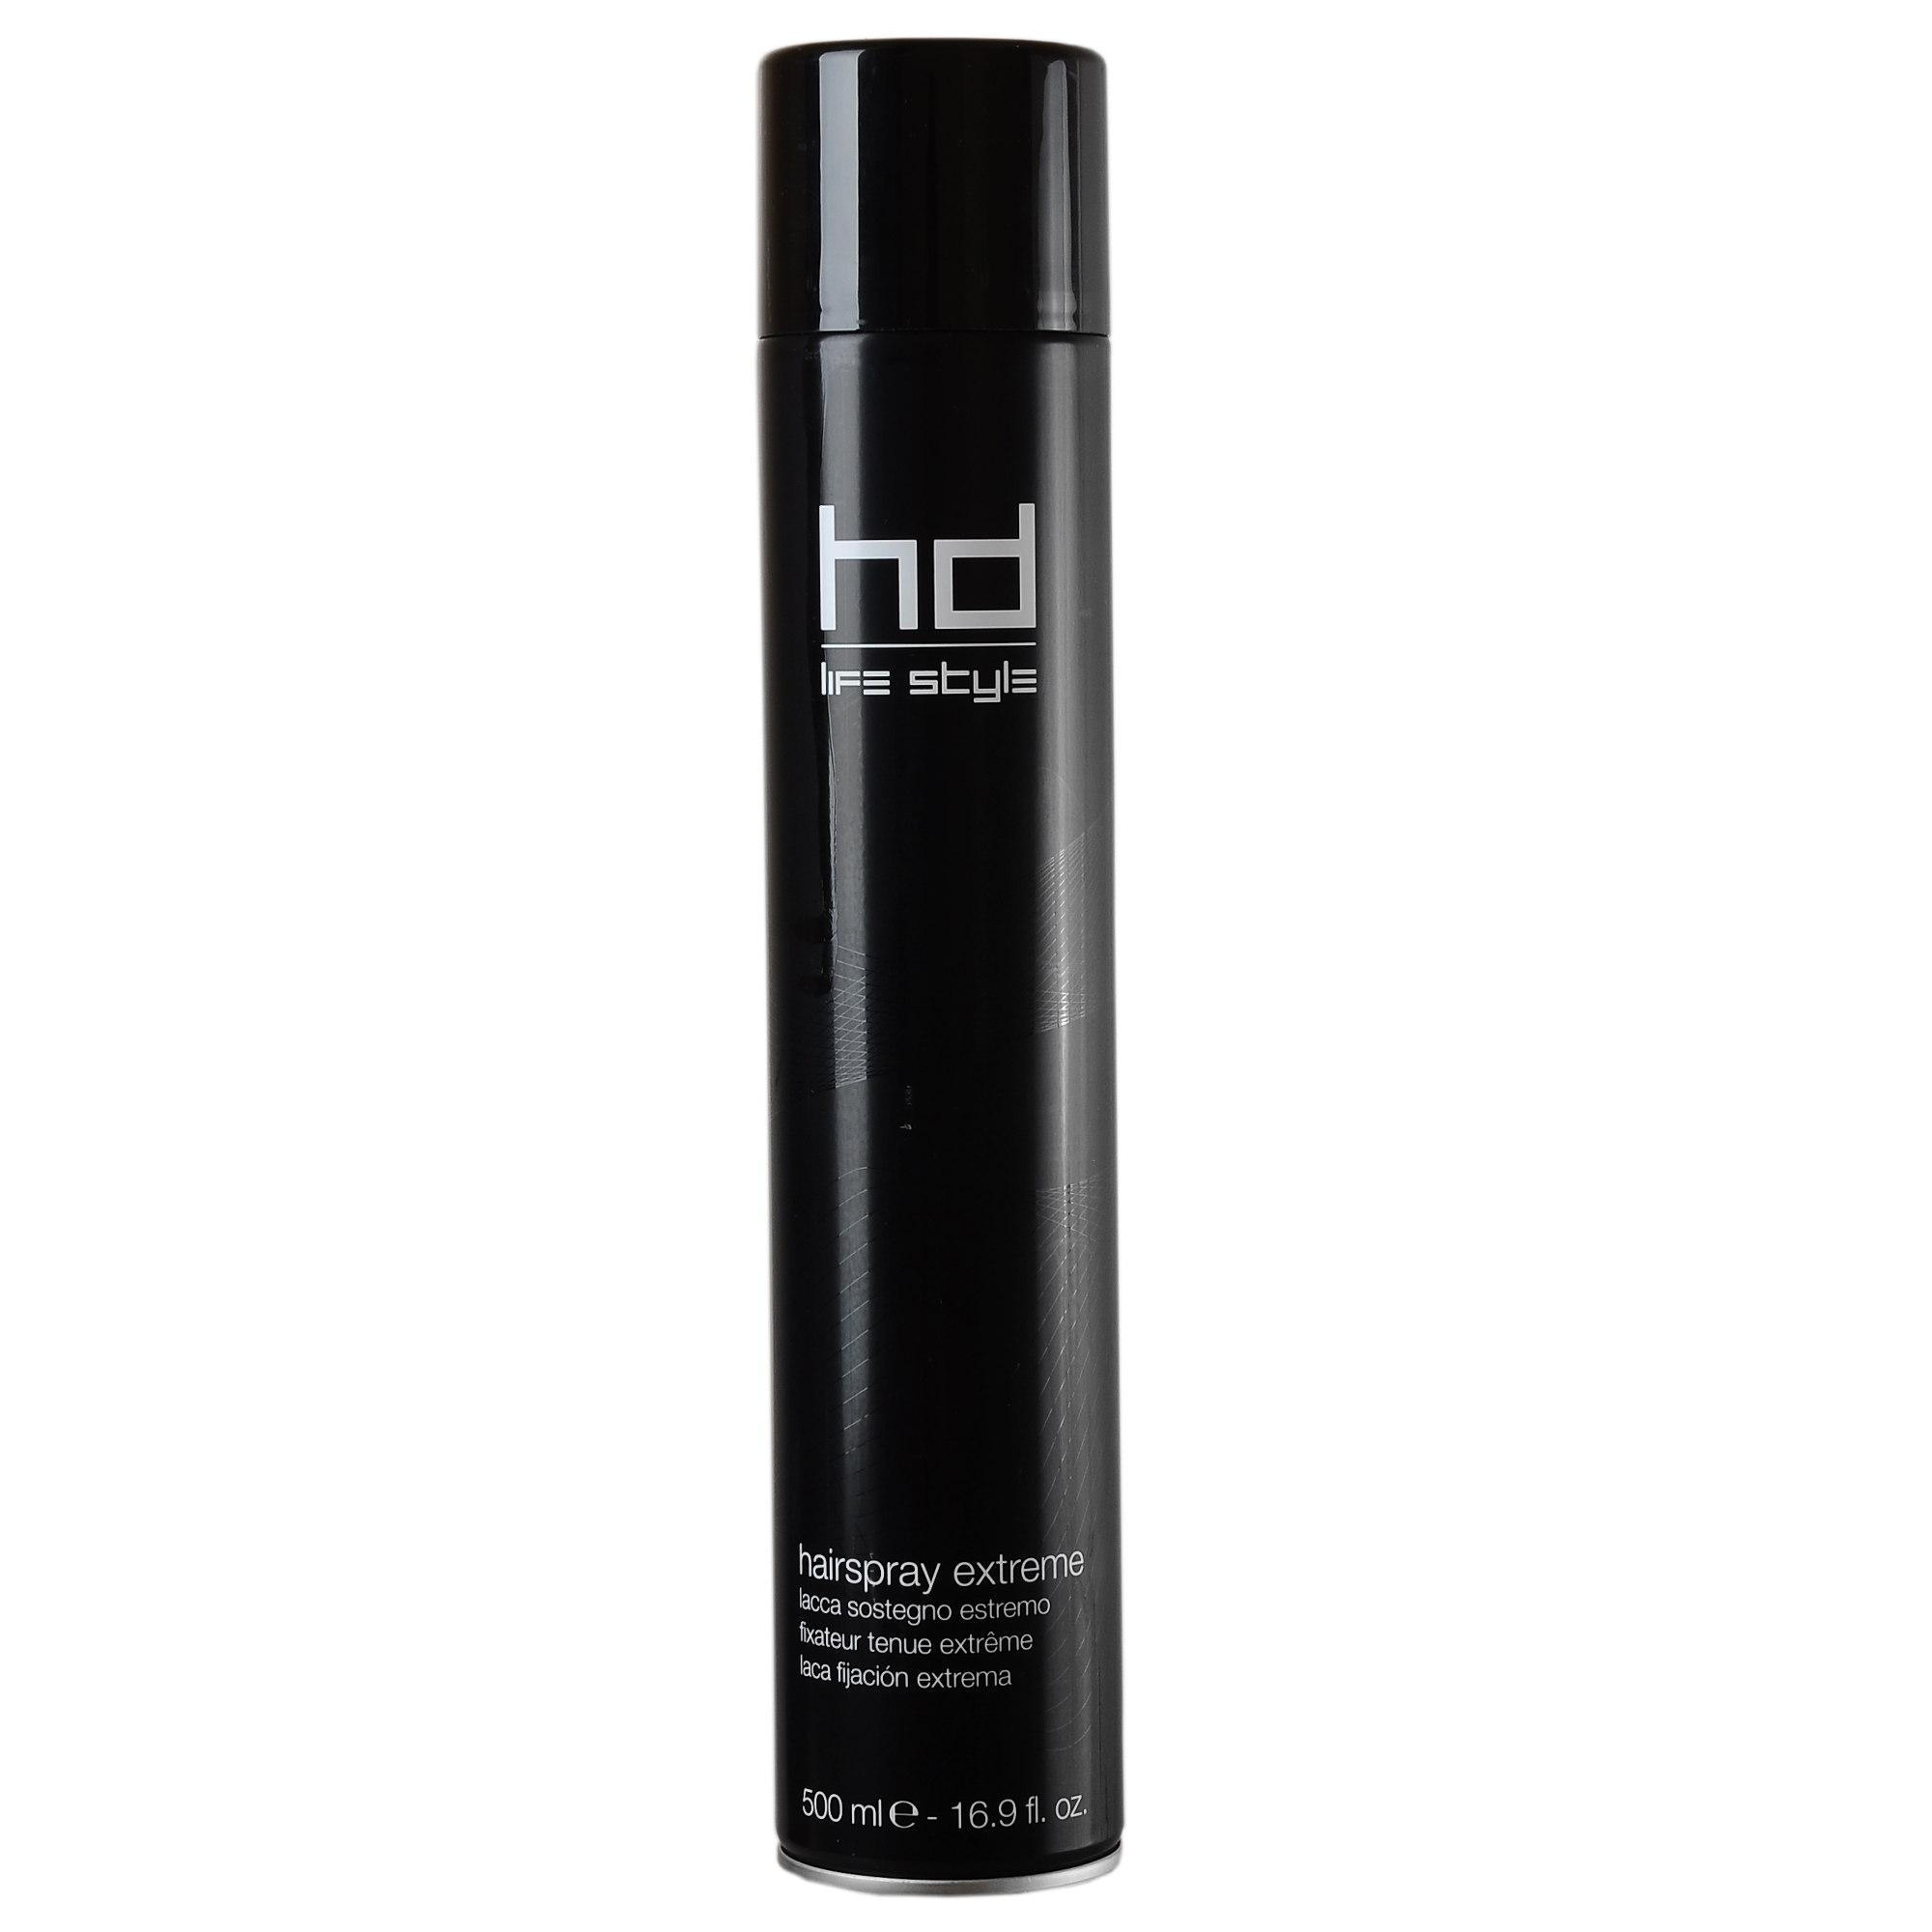 FARMAVITA Лак для волос сверхсильной фиксации HD HAIR SPRAY EXSTREME / HD LIFE STYLE 500 млЛаки<br>Лак для волос сверхсильной фиксации Hd Hair Spray Exstreme - отличный вариант для супер фиксации причёски. Лак надёжно закрепит укладку на длительное время, обеспечивая стойкий объём и блеск. Волосы остаются естественными, не утяжелёнными. Результат Тщательное питание волос и стойкая фиксация укладки. Активные ингредиенты: смолы и масло Арганы.&amp;nbsp; Способ применения: перед распылением взболтайте, нанесите на сухие волосы на расстоянии не менее 20 см. Также можно наносить под корни волос для объёма.<br><br>Объем: 500 мл<br>Вид средства для волос: Стойкая